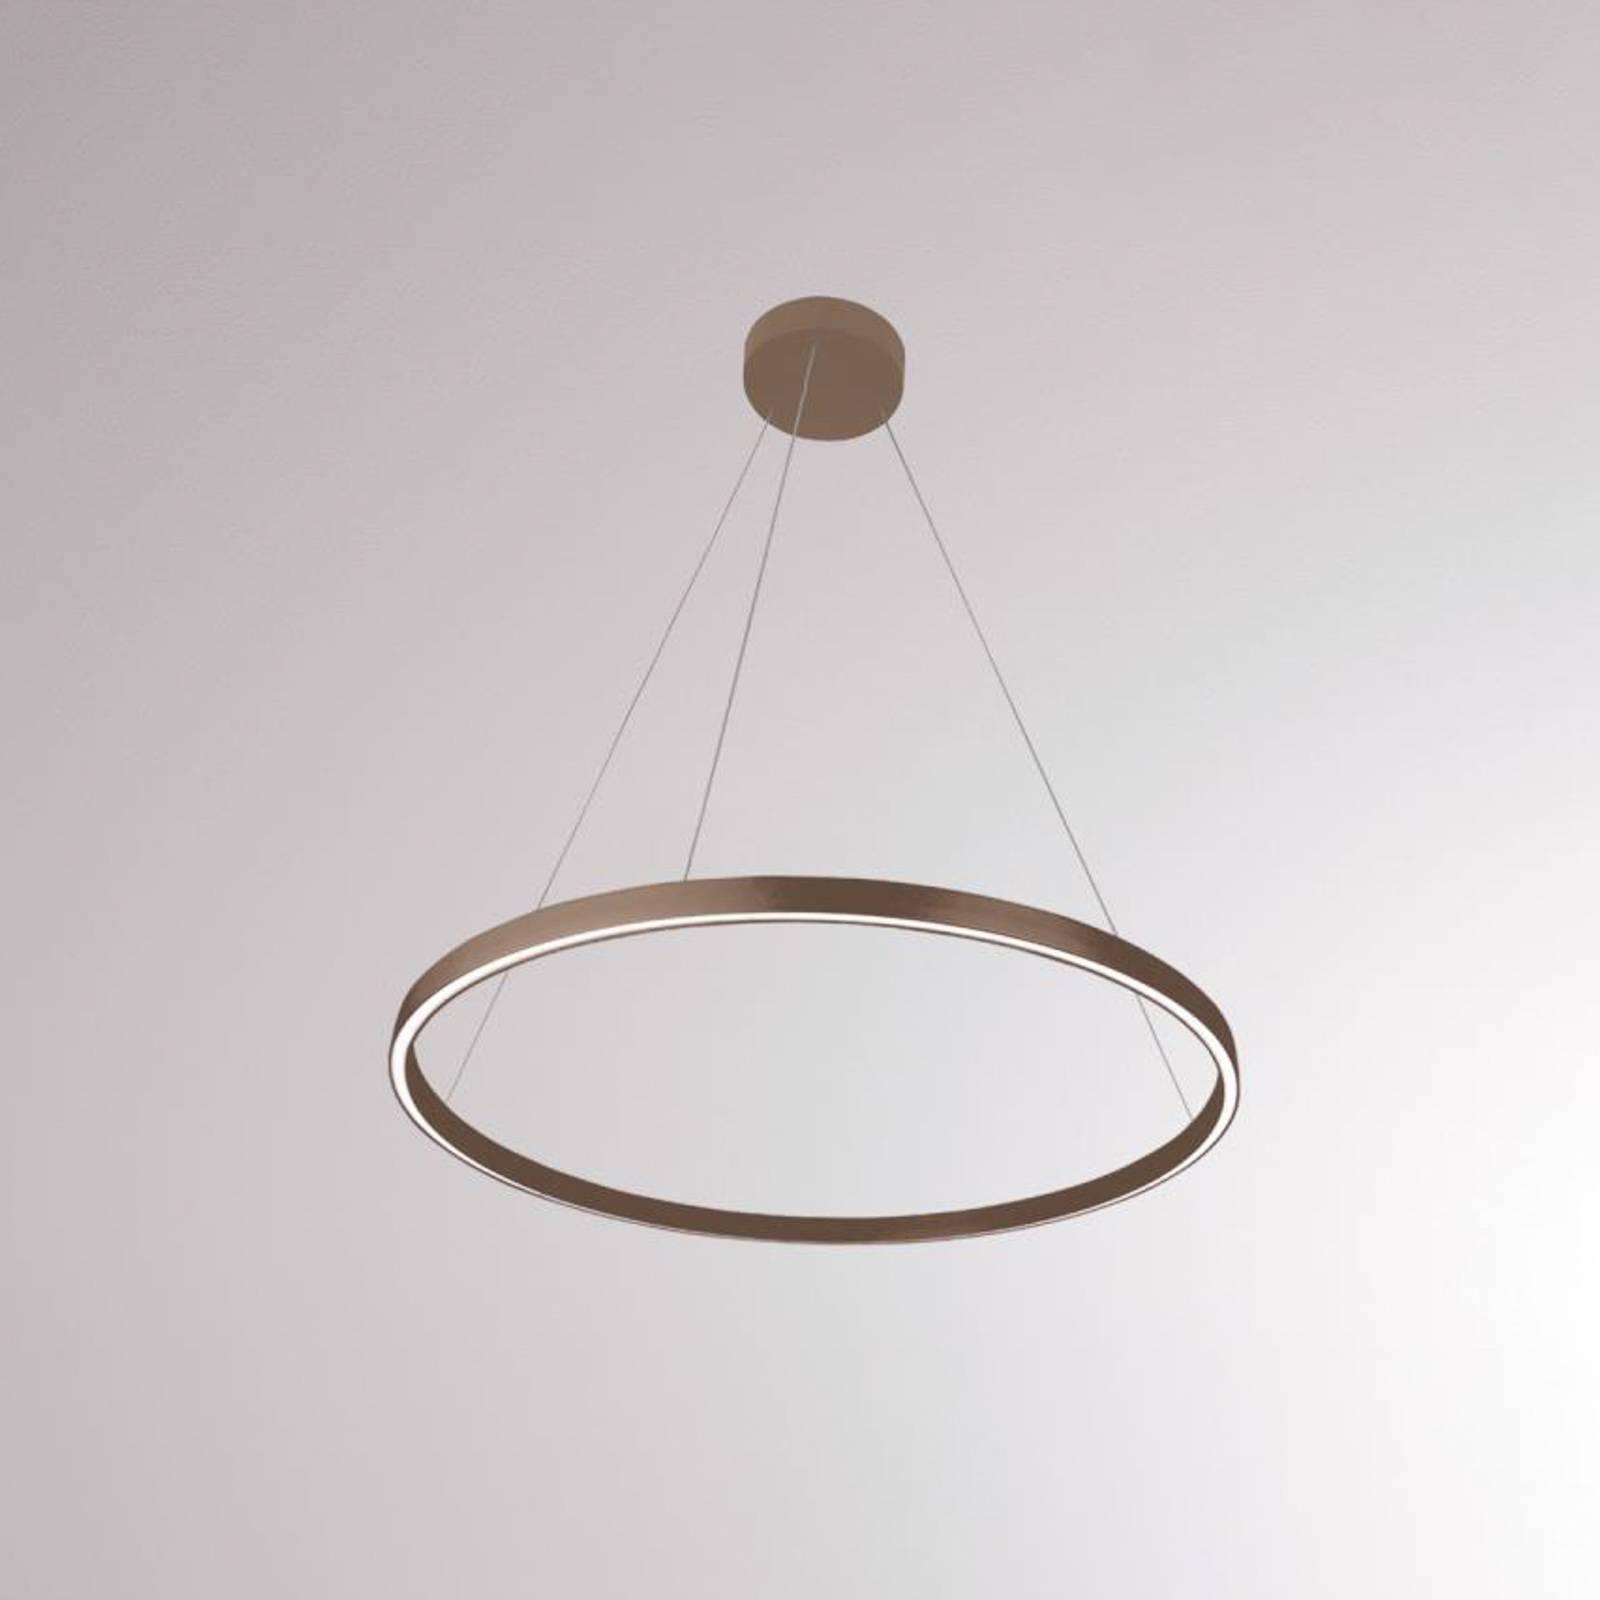 LOUM Perfora M -LED-riippuvalaisin Ø 60 cm terra